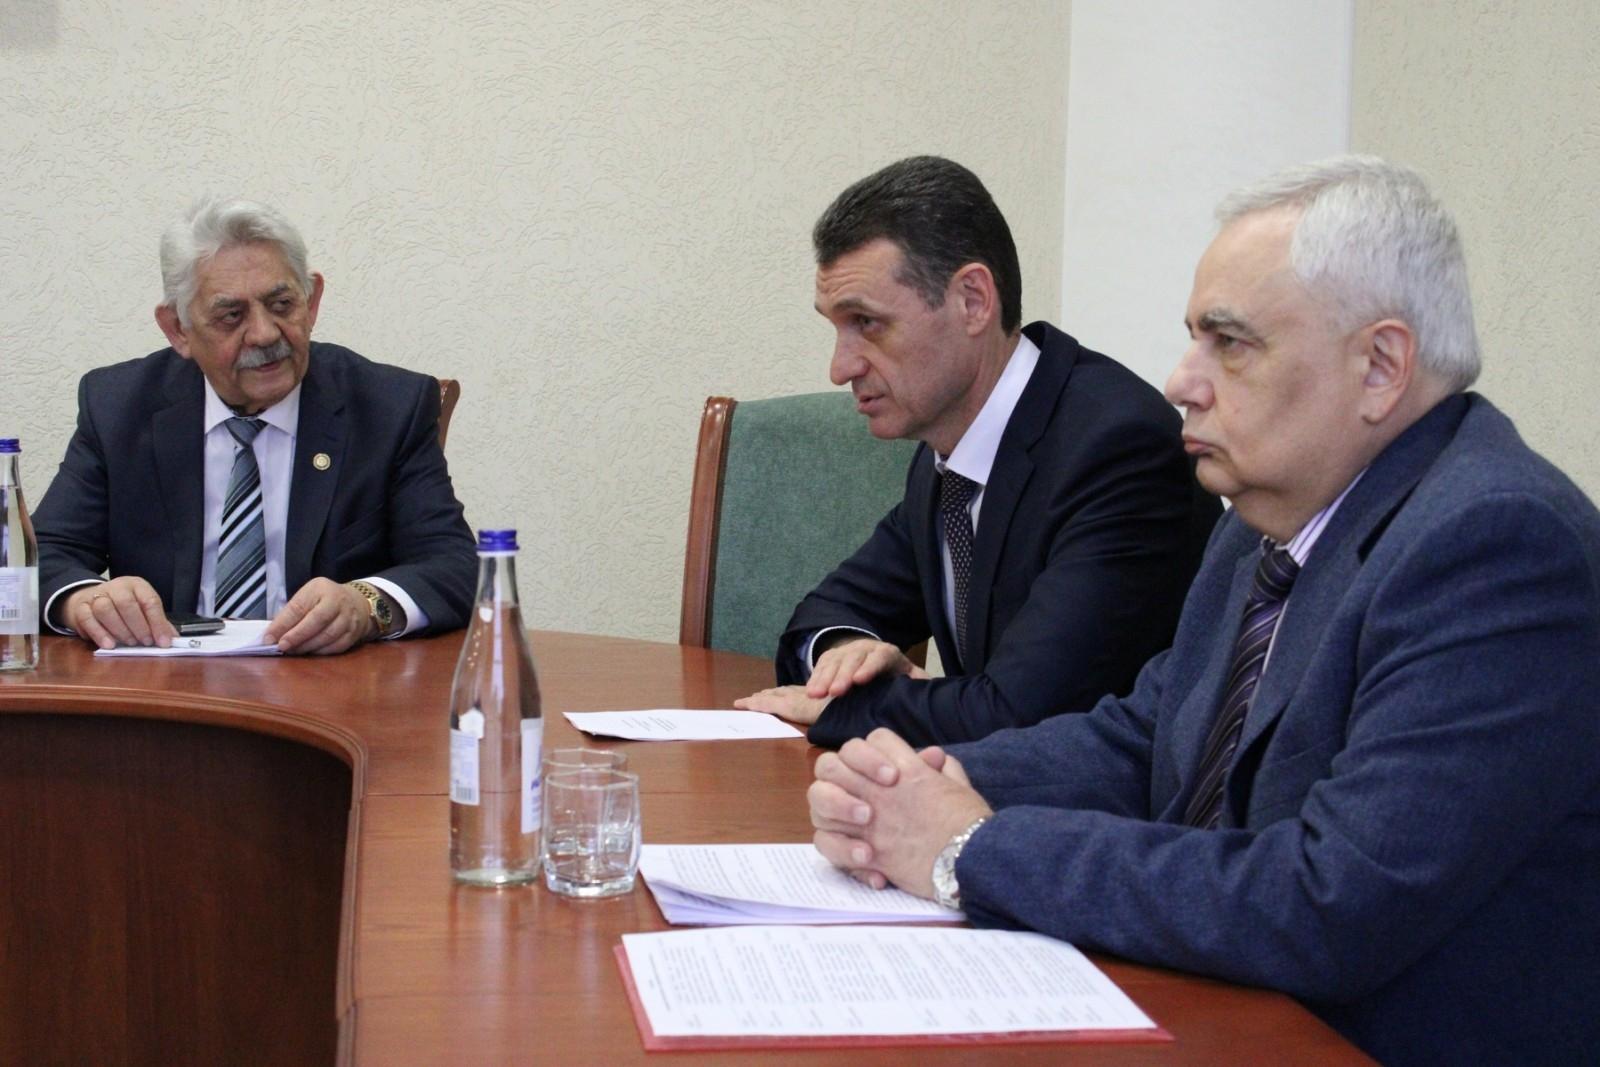 В этом году комиссия по вопросам помилования Ростовской области рассмотрела 150 ходатайств осужденных